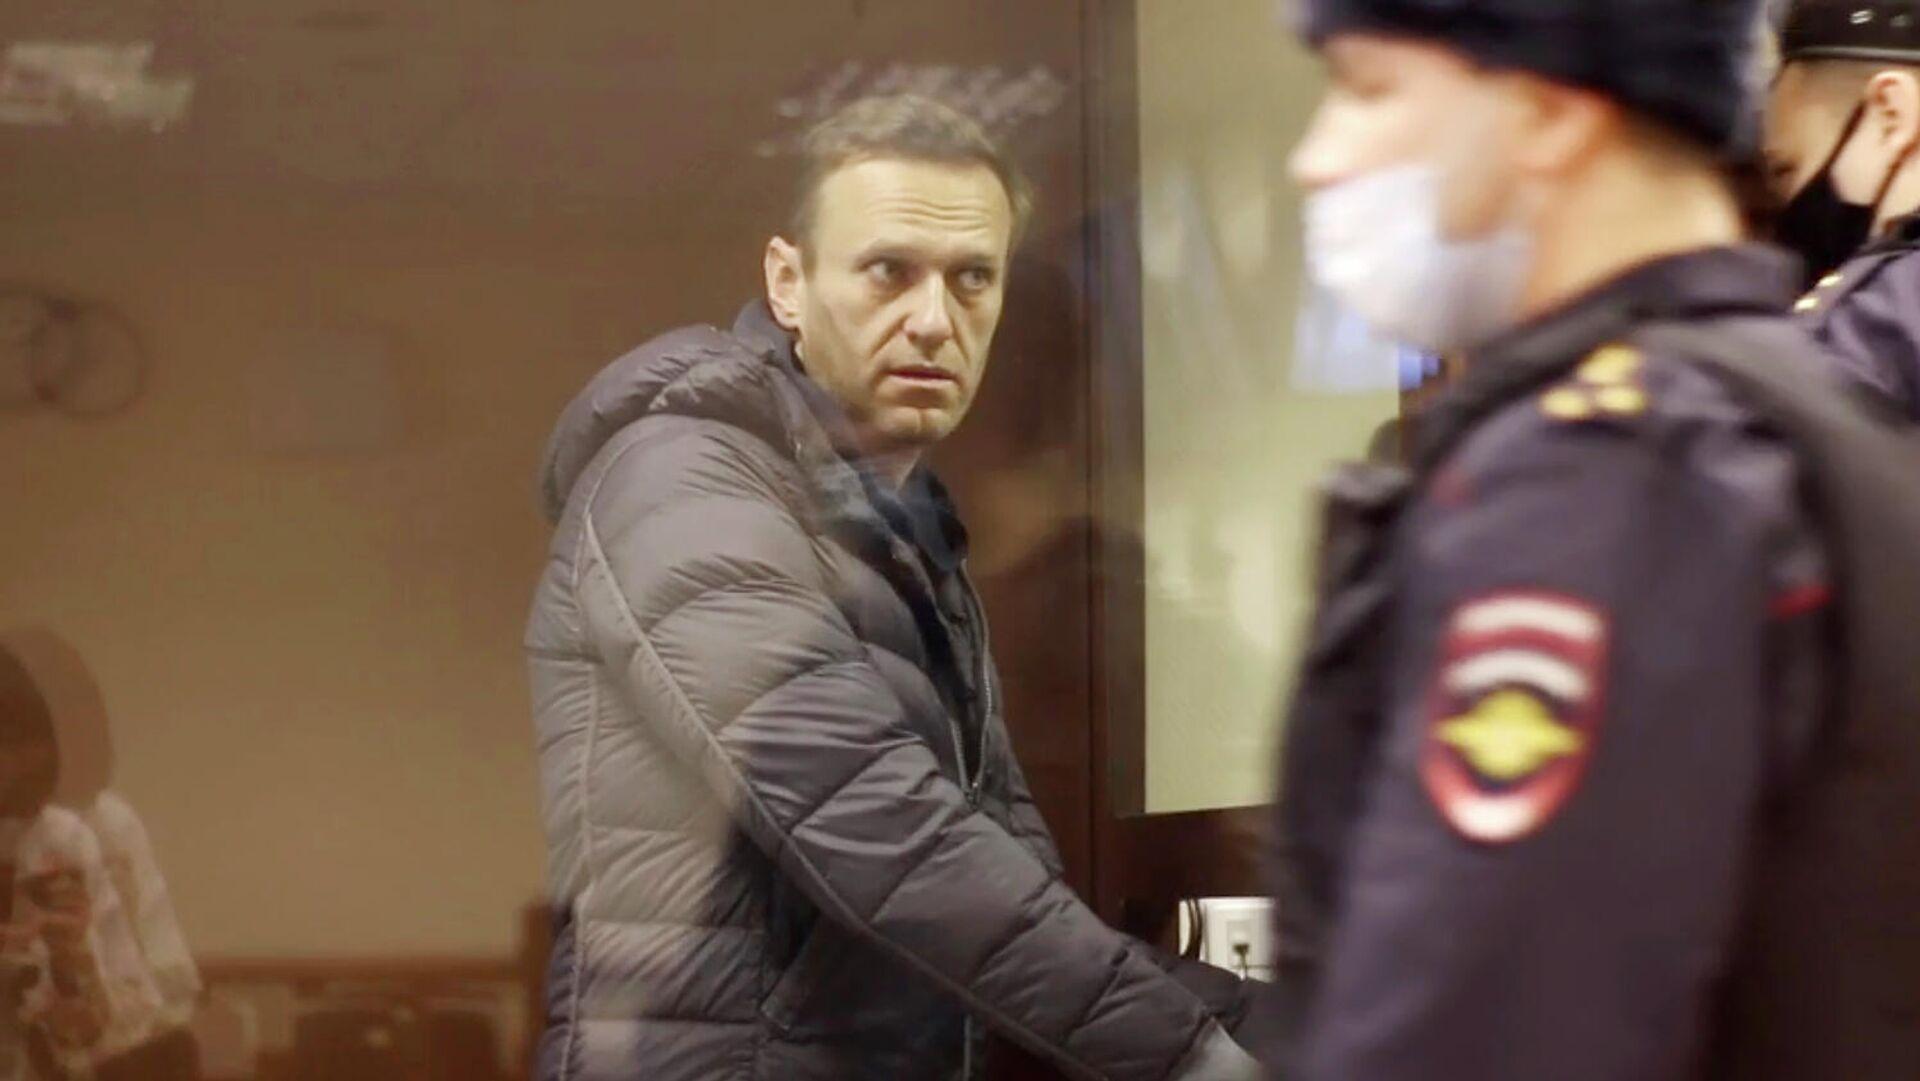 Алексей Навальный перед заседанием Бабушкинского суда - РИА Новости, 1920, 05.02.2021